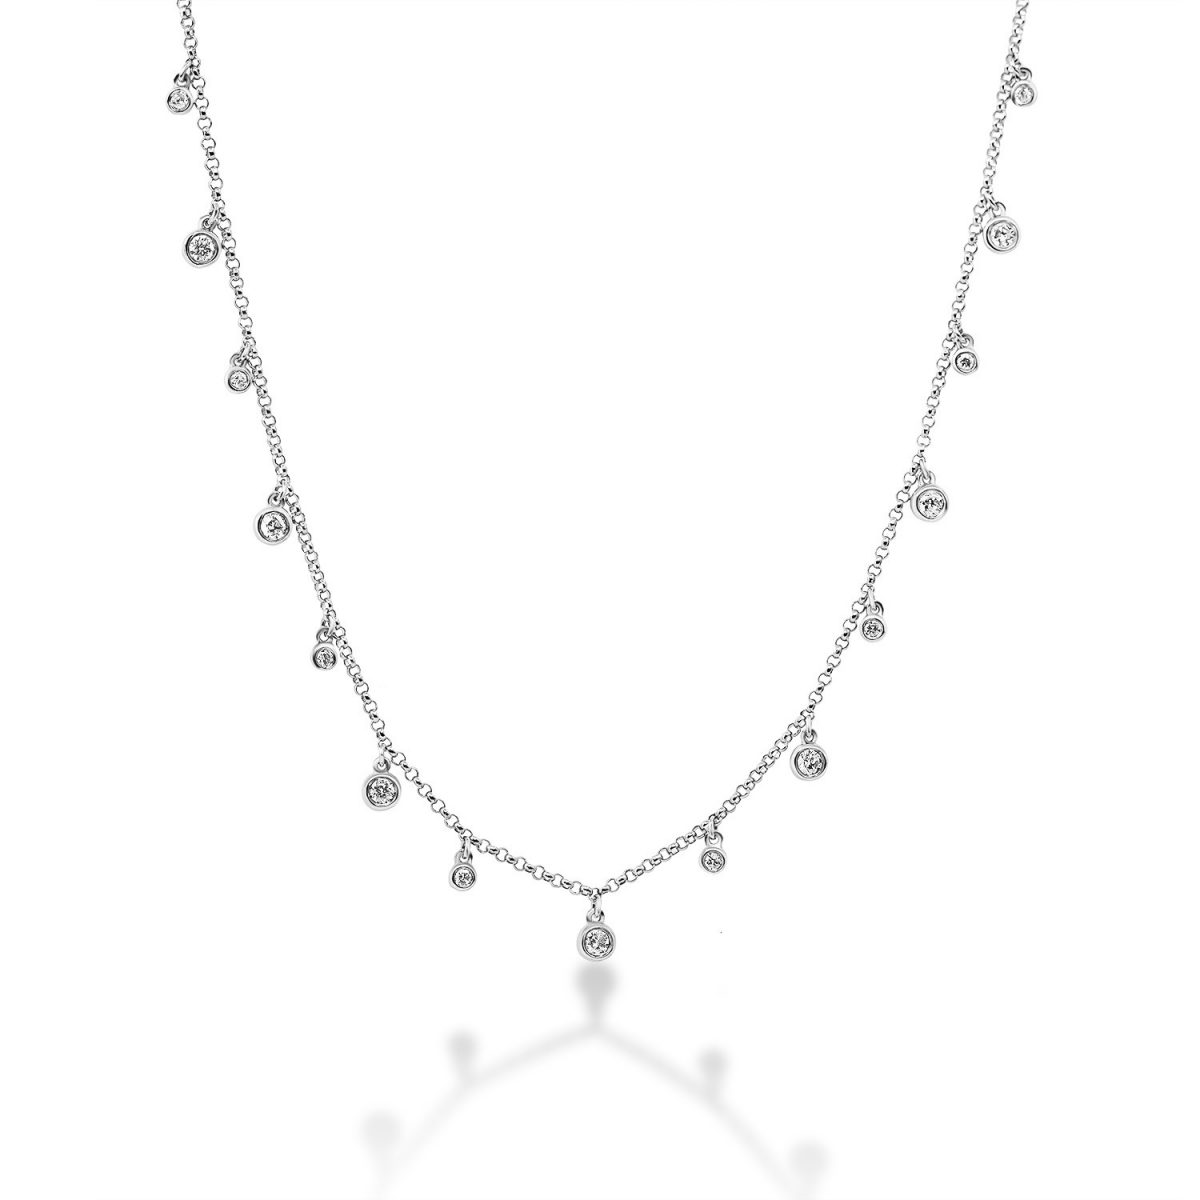 שרשרת יהלומים - ליז - זהב לבן